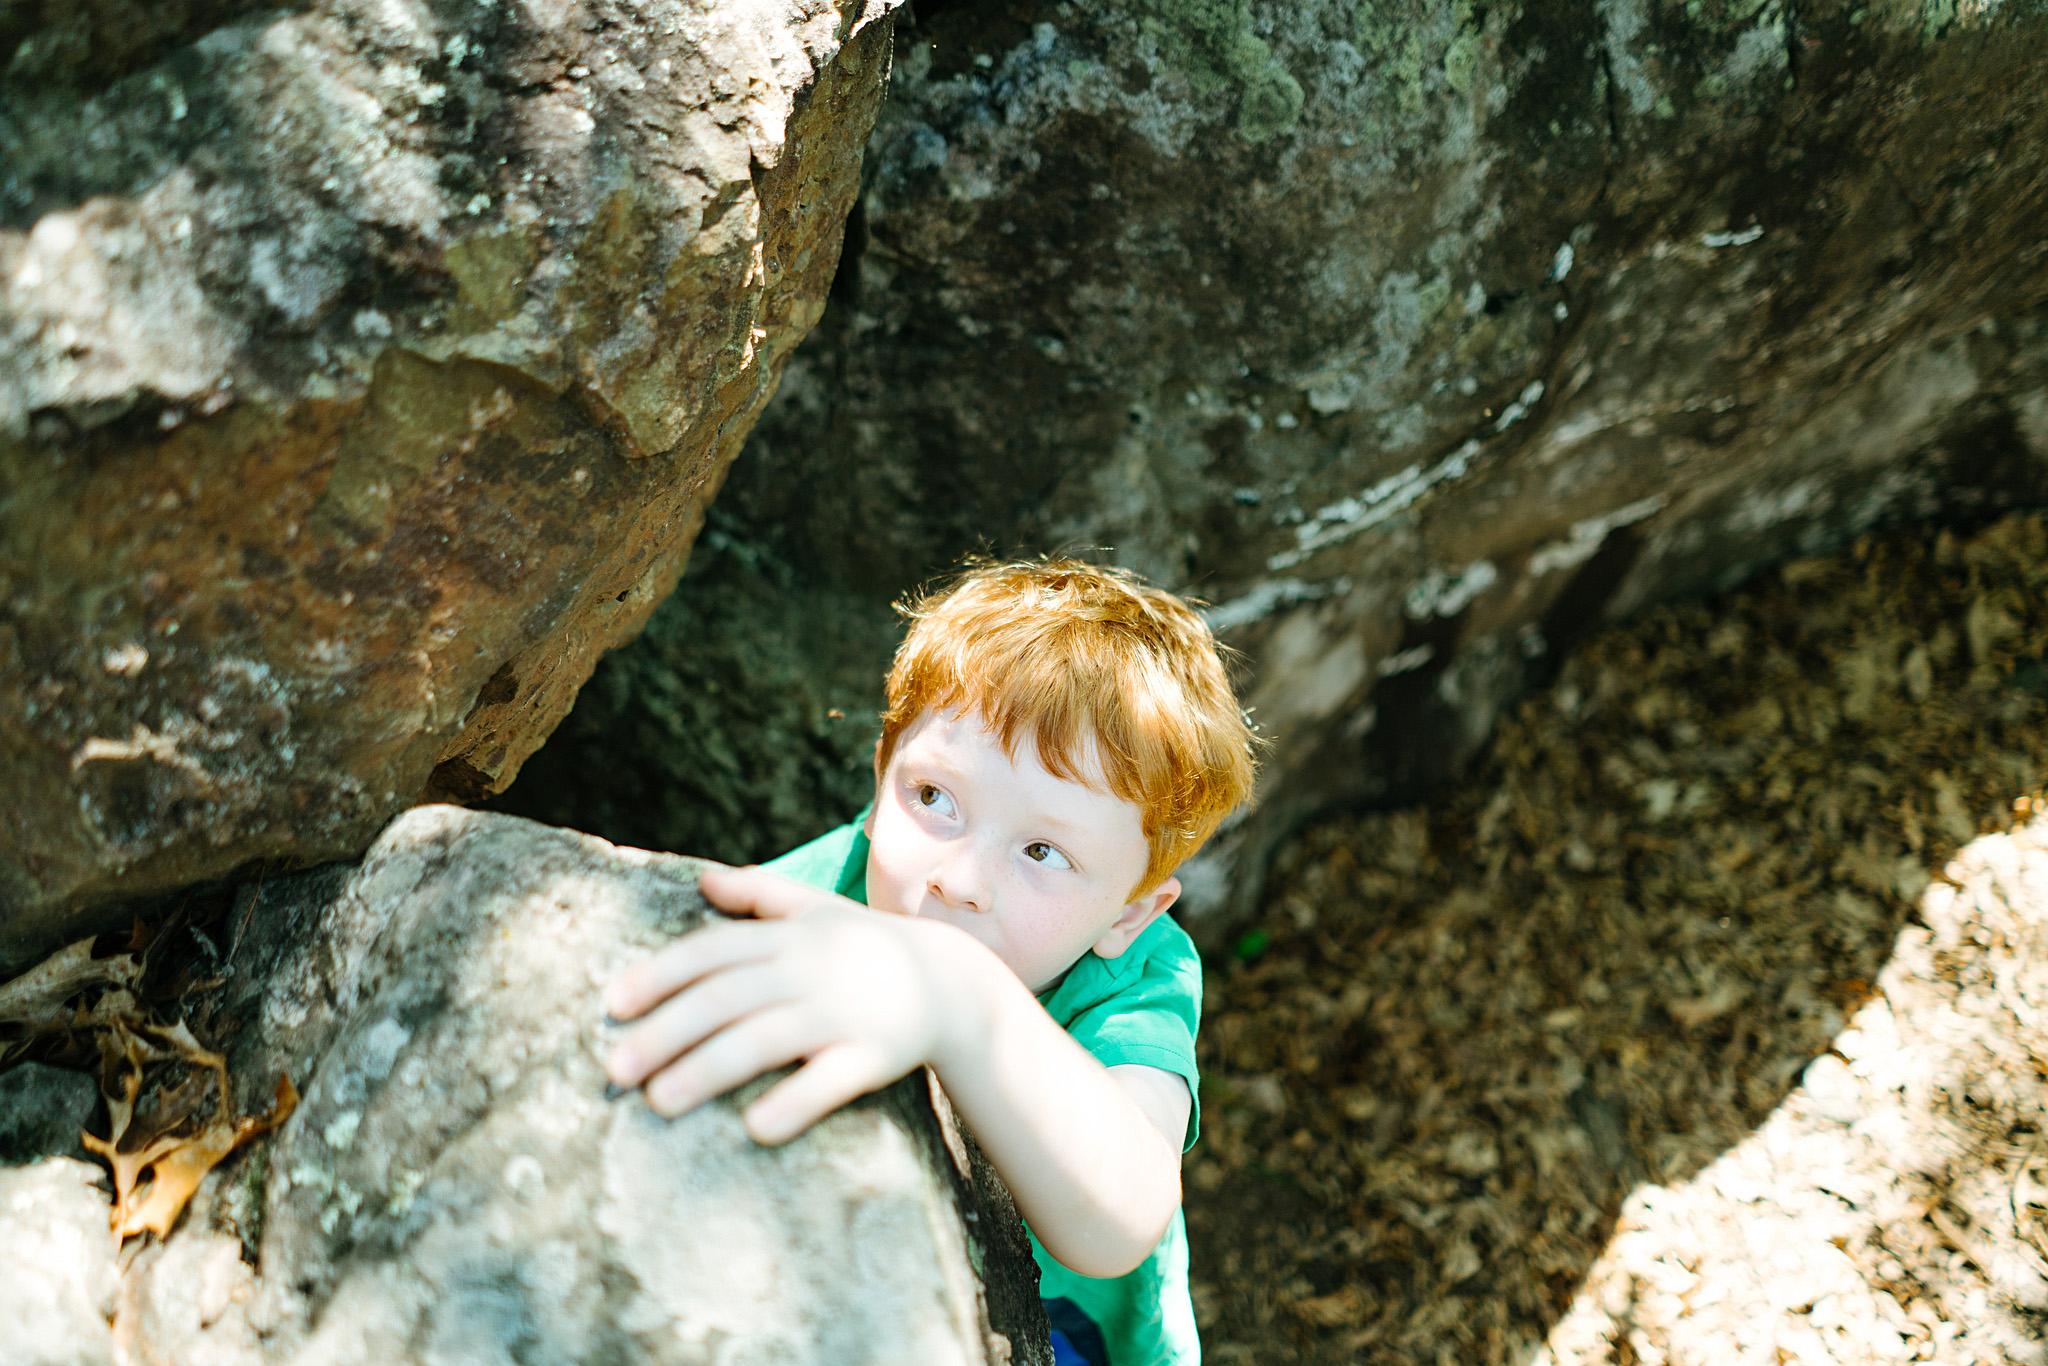 Seattle Children's Rock Climbing Photographer